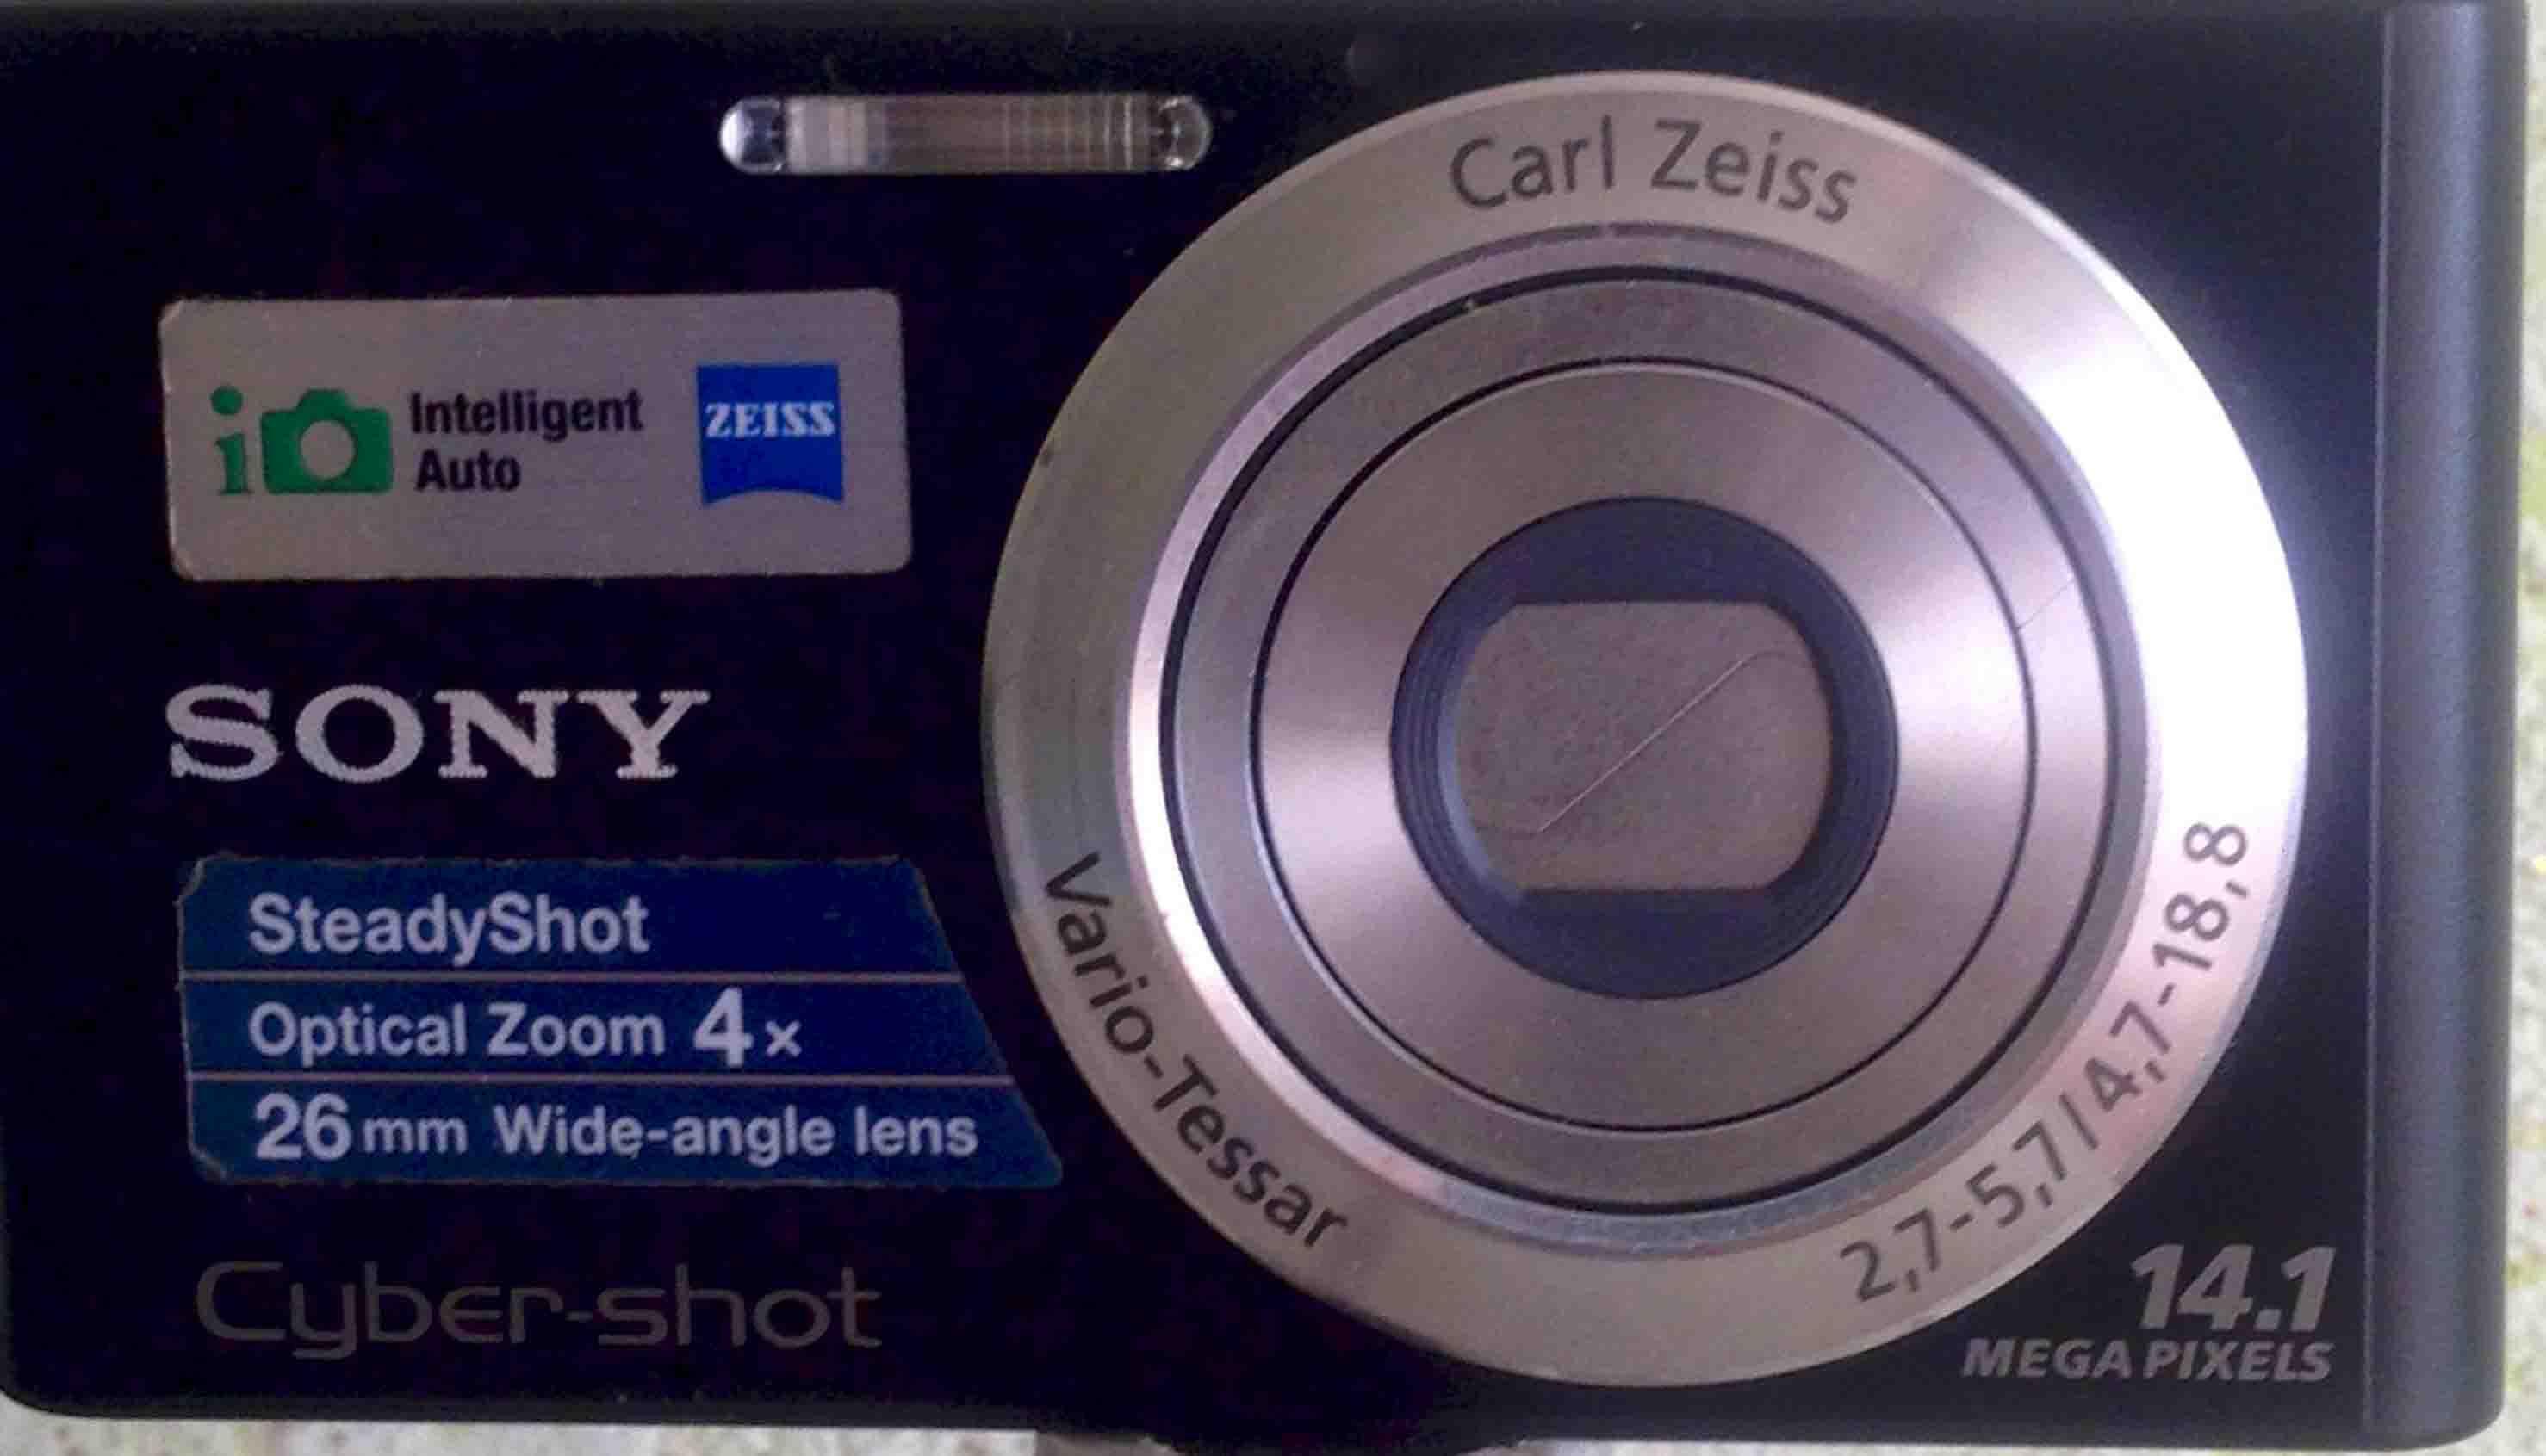 Цифровой фотоаппарат Sony  Cyber - Shot фото 1